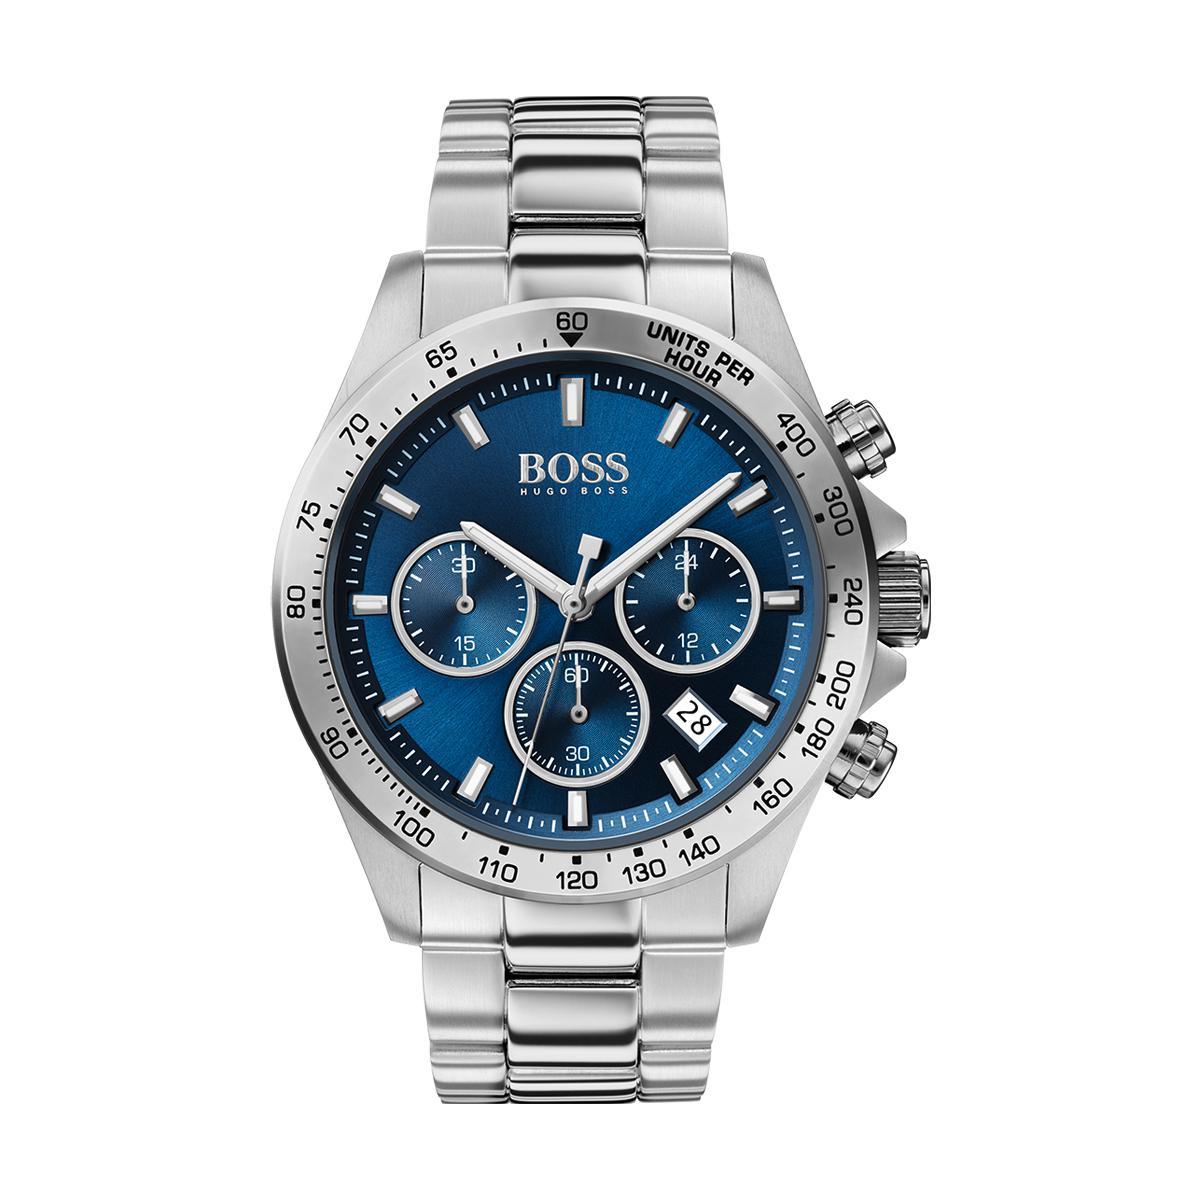 Montre 1513755 - Hero chrono Boitier acier Cadran bleu Bracelet acier é - Hugo Boss - Modalova